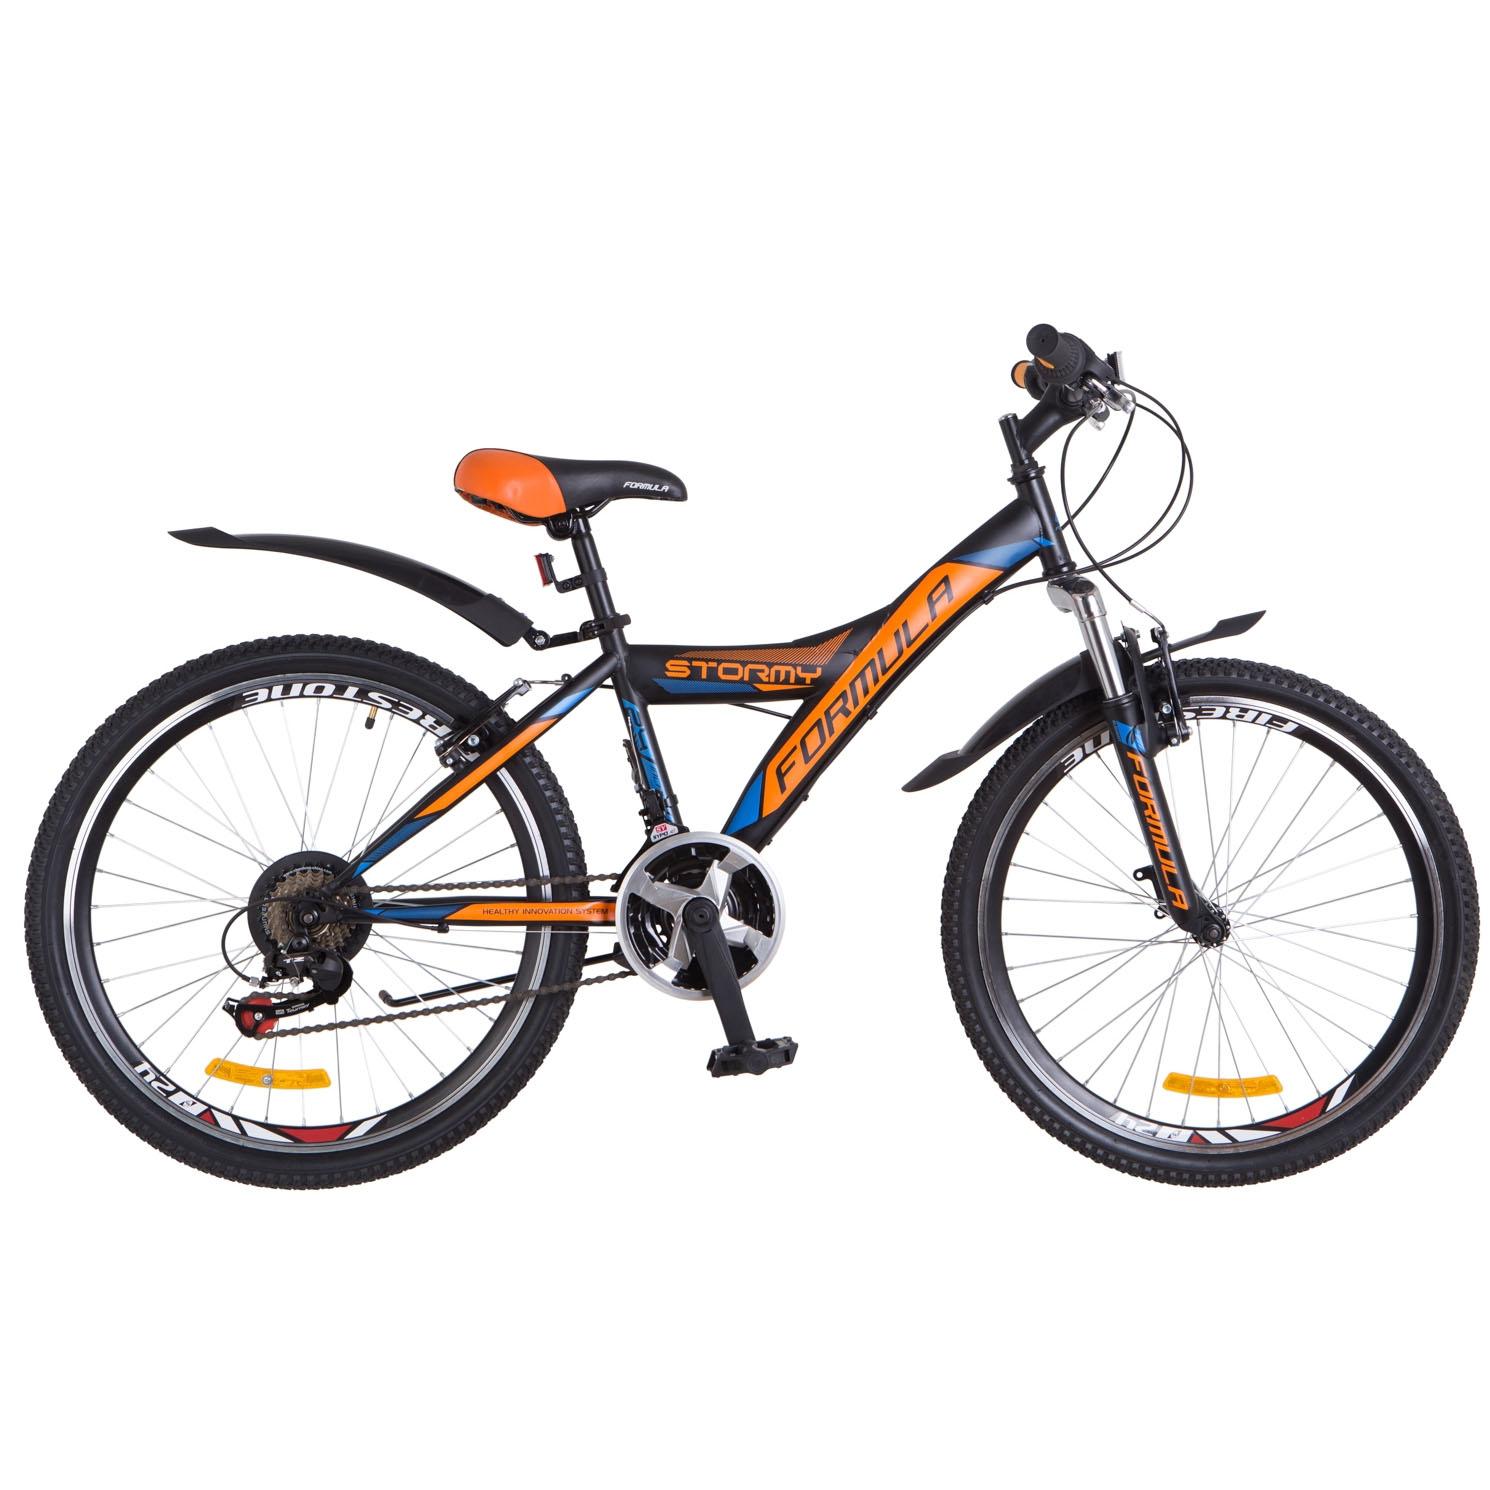 Фото Горный Велосипед 24 Formula STORMY черно-оранжевый с синим 2018